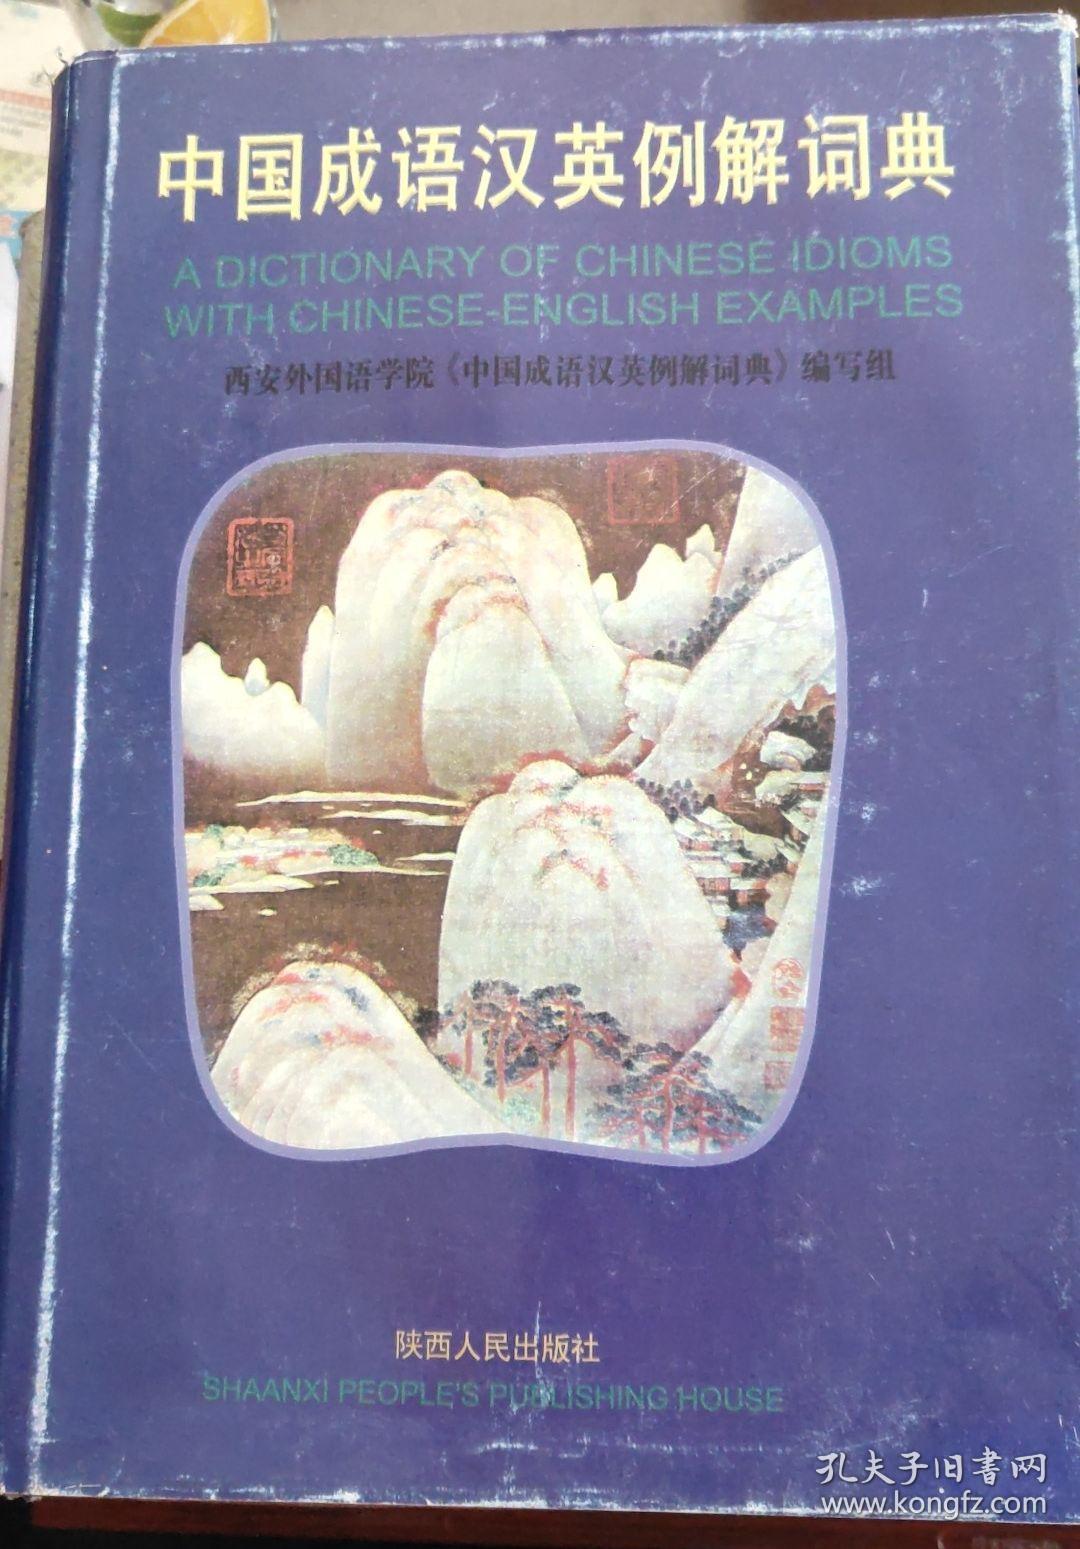 中国成语汉英例解词典 98年一版一印